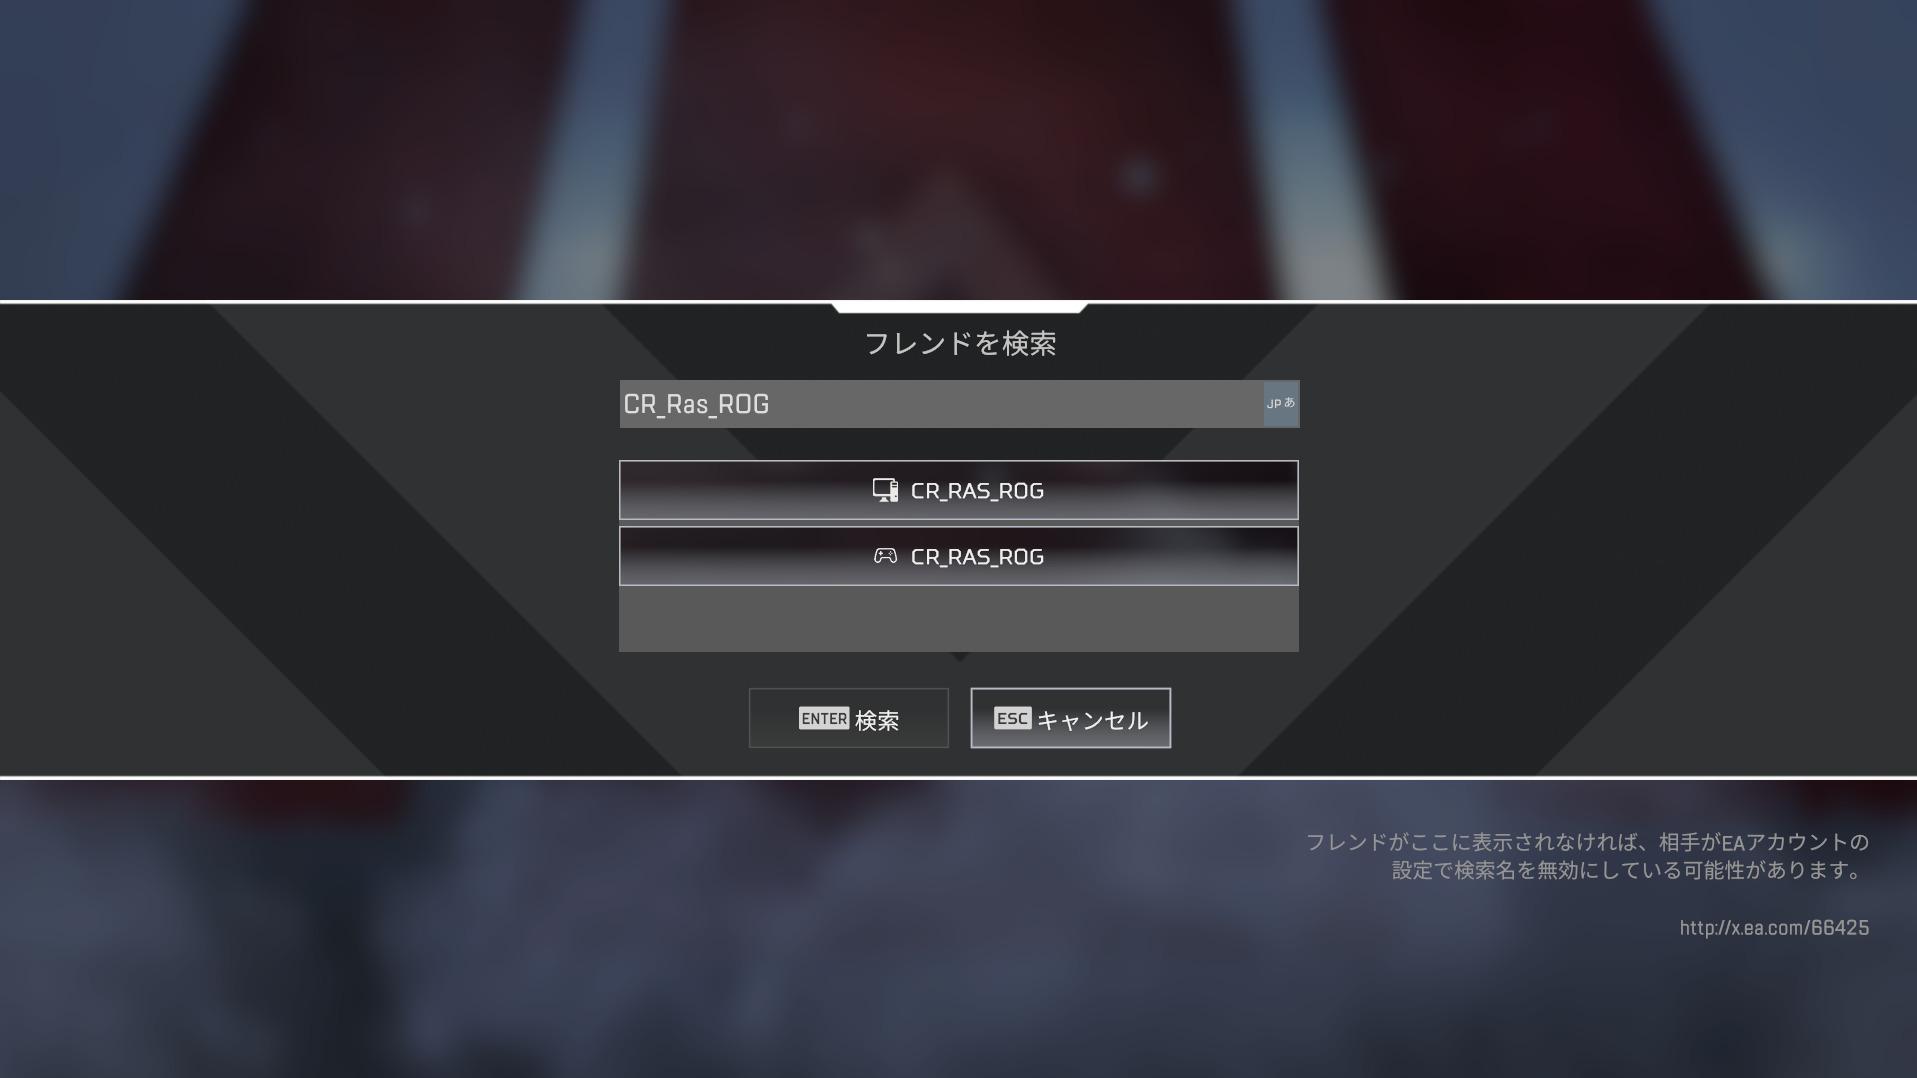 【Apex Legends】フレンド申請のやり方(PC×PS4×Switch)【クロスプレイ】【エーペックスレジェンズ】